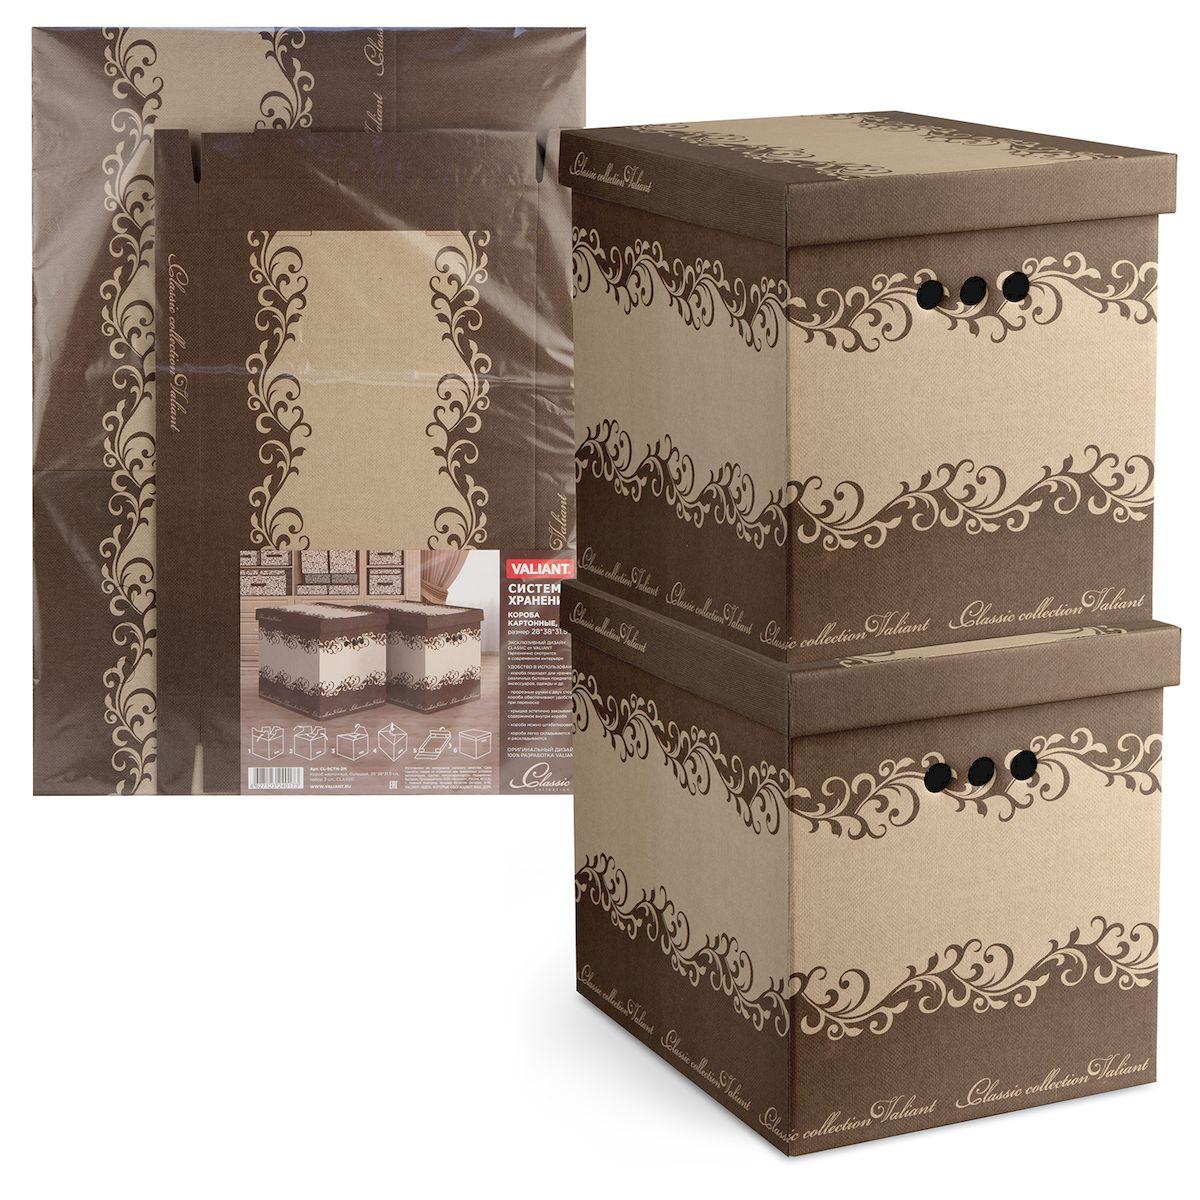 Короб для хранения Valiant Classic, складной, 28 х 38 х 31,5 см, 2 штCL-BCTN-2MКороб для хранения Valiant Classic изготовлен из картона. Изделие легко и быстро складывается. Оснащен крышкой и тремя отверстиями, которые позволяют удобно его выдвигать. Такой короб прекрасно подойдет для хранения бытовых мелочей, аксессуаров для рукоделия и других мелких предметов. С ним все мелкие вещи будут храниться аккуратно и не потеряются. Размер изделия (в собранном виде): 28 х 38 х 31,5 см.